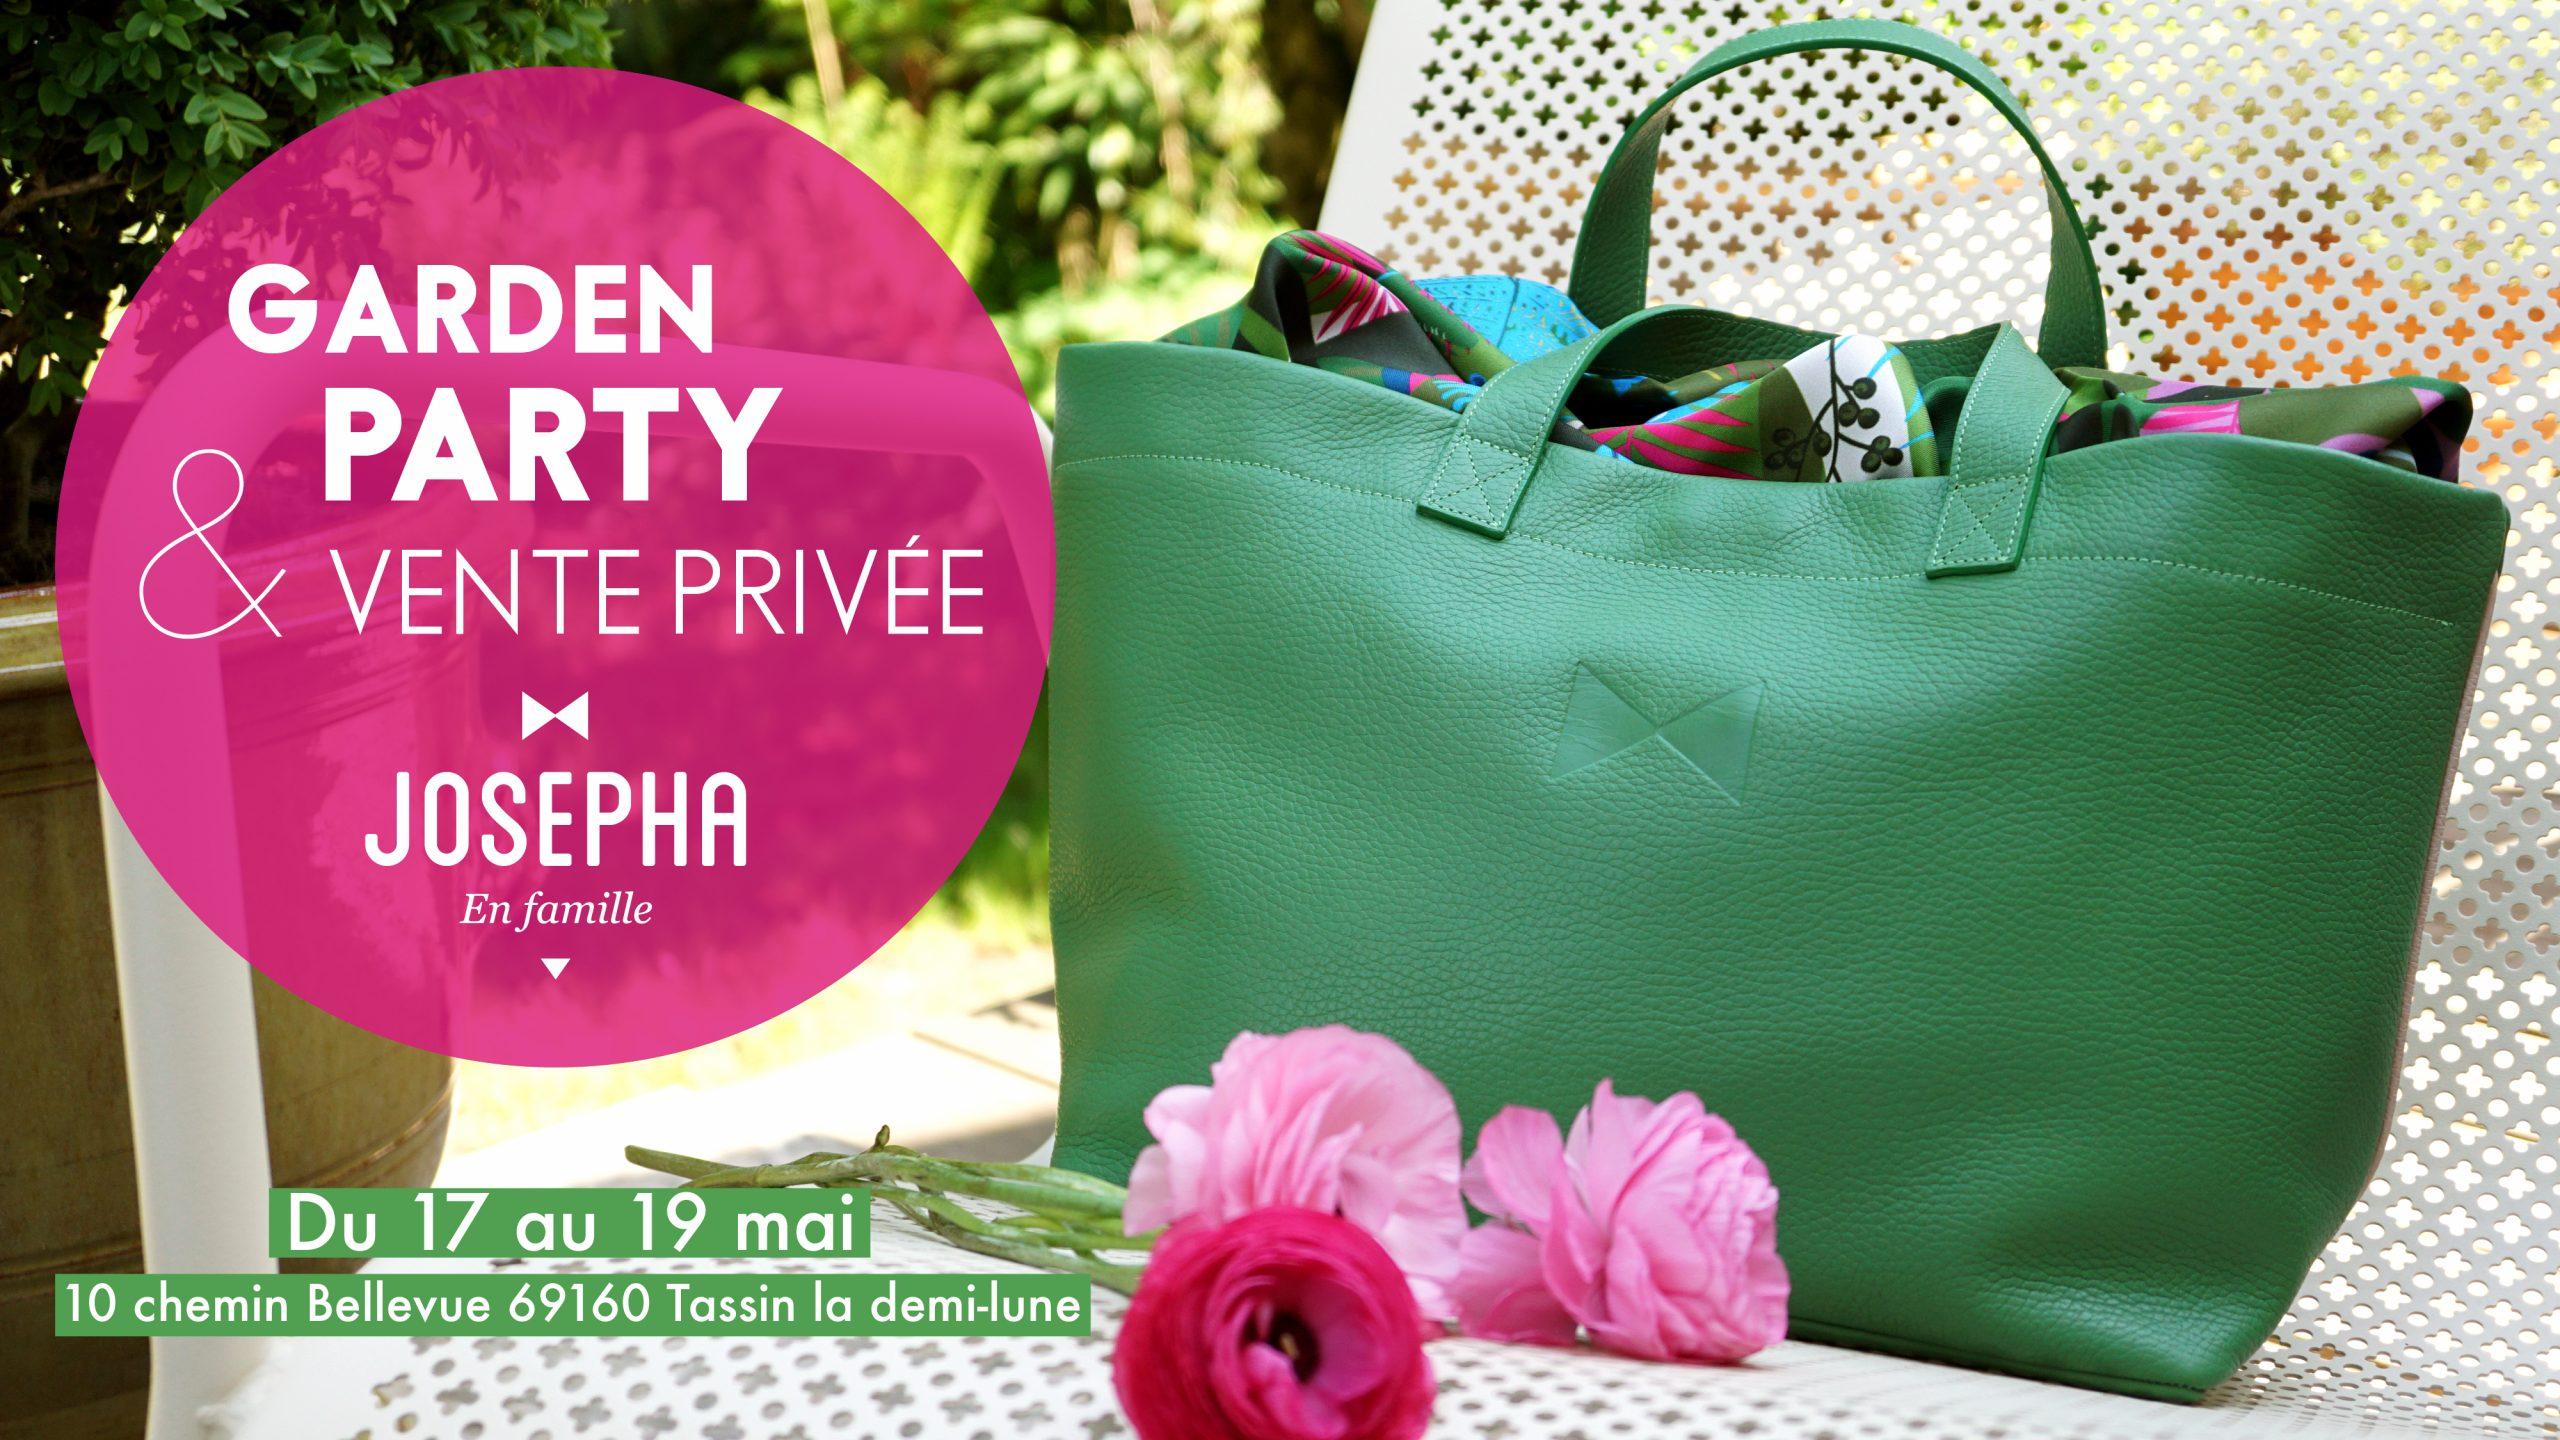 Garden Party Et Vente Privée Josepha En Famille – Josepha En ... tout Vente Privée Jardin